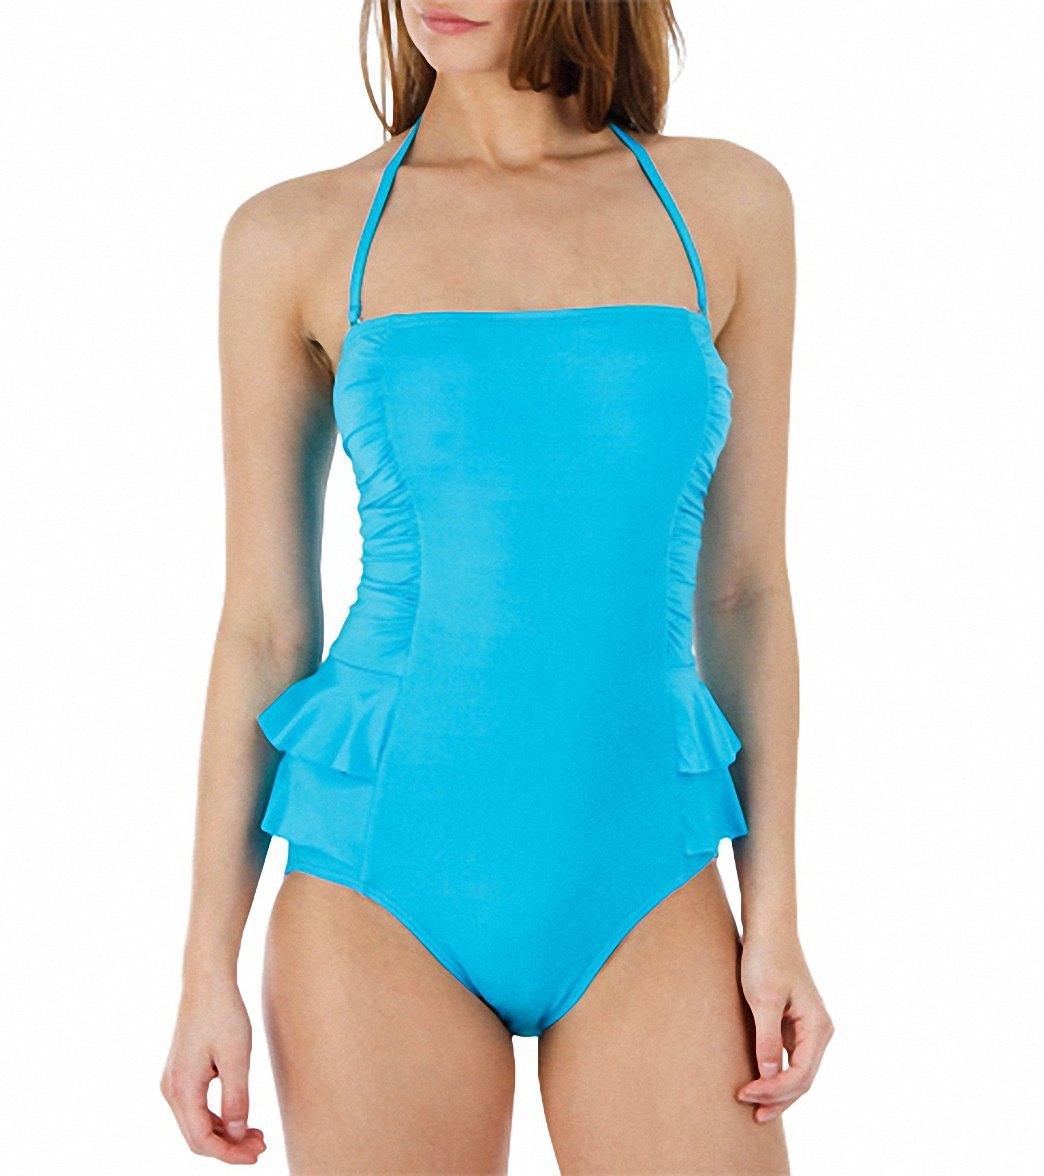 aeb04443713 Jantzen Solid Peplum Bandeau One Piece Swimsuit at SwimOutlet ...